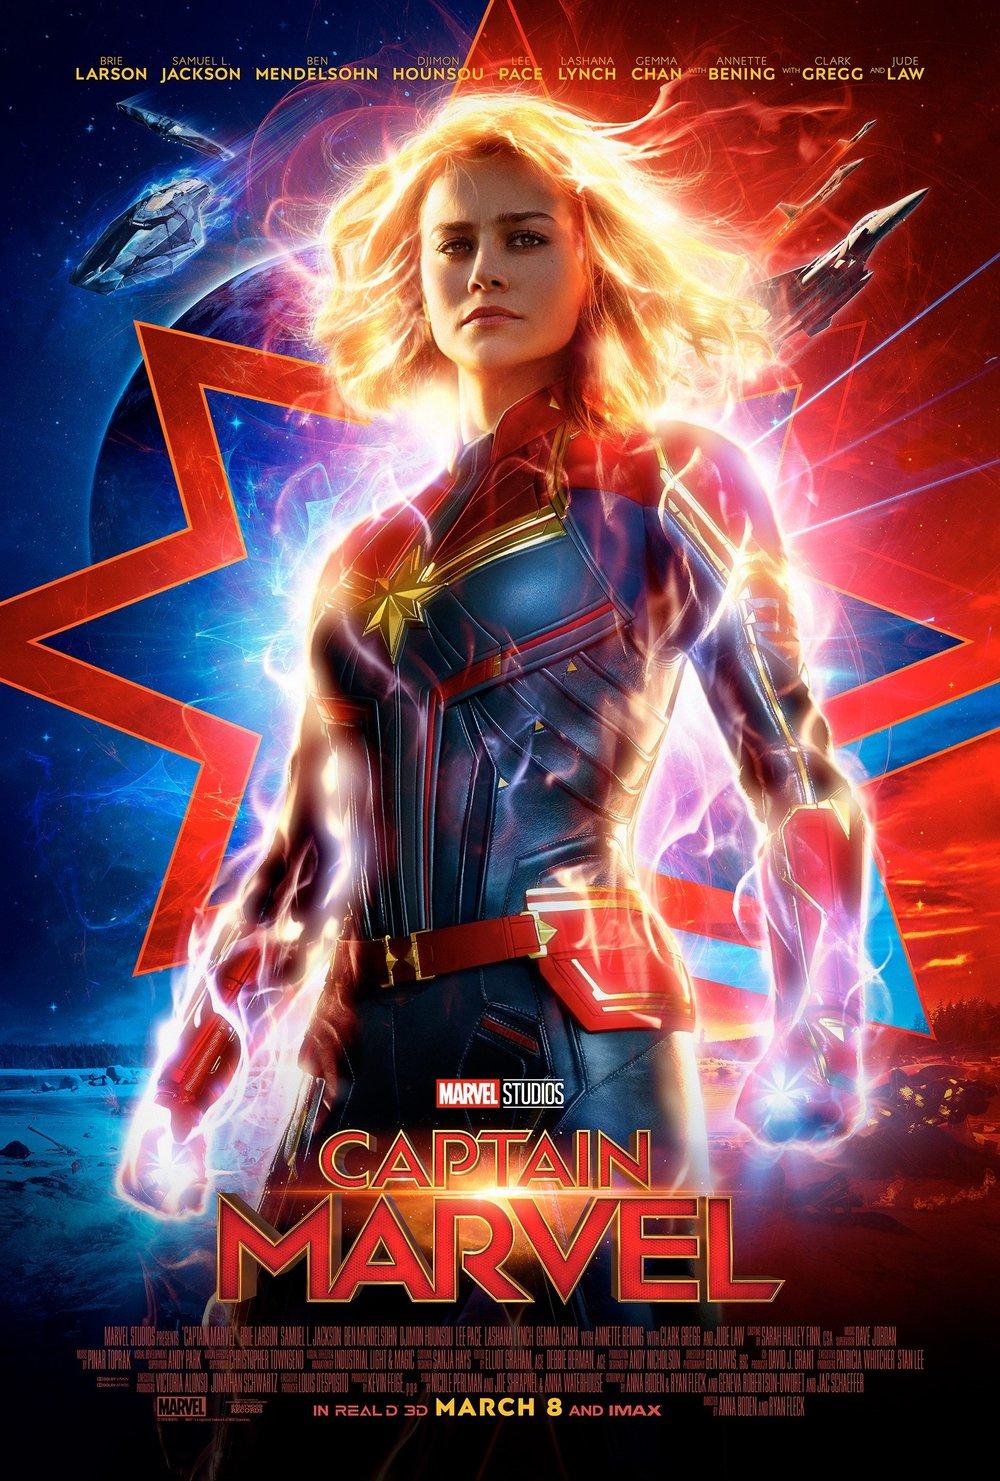 captain marvel poster_picture lock.jpg